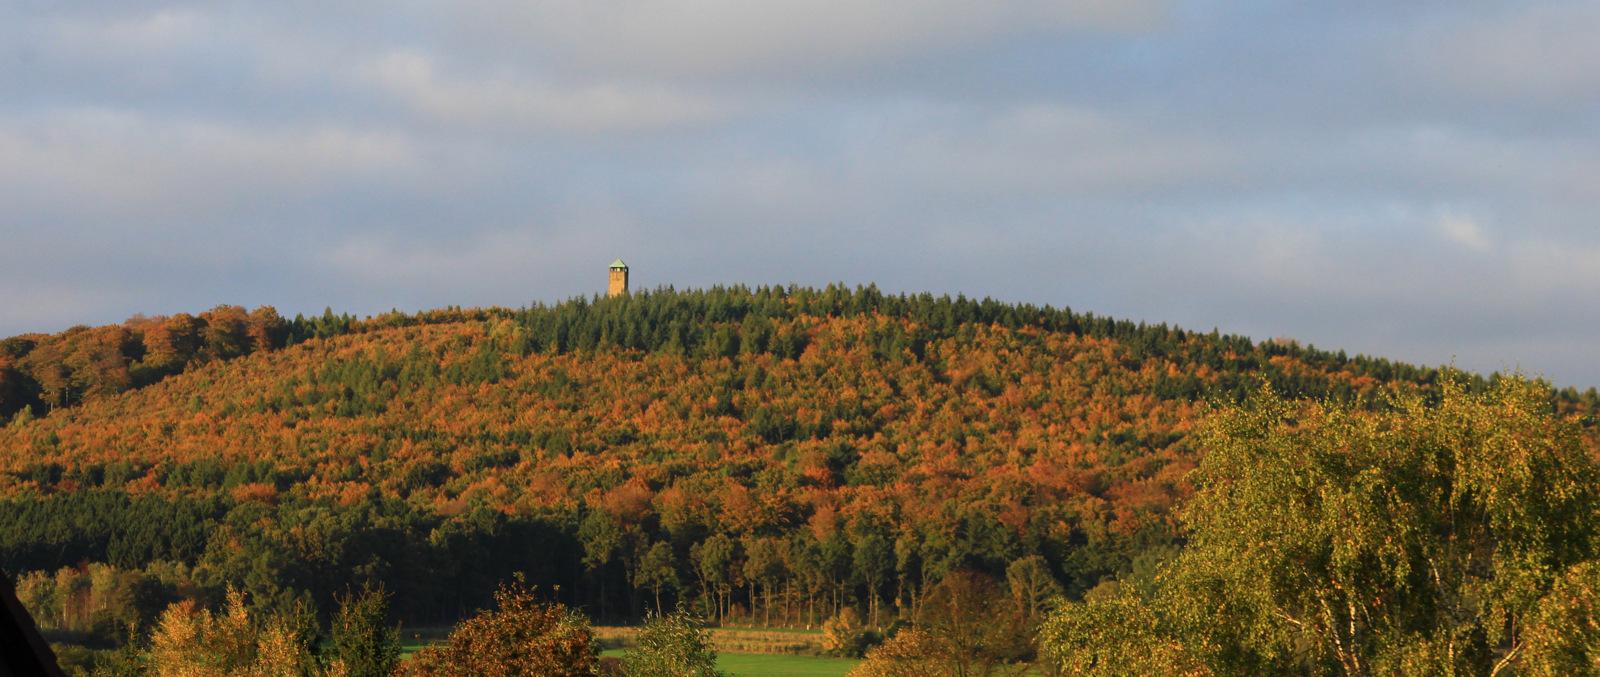 """-Der Sollingturm mitten im Wald """"des Jahres in Deutschland""""-"""